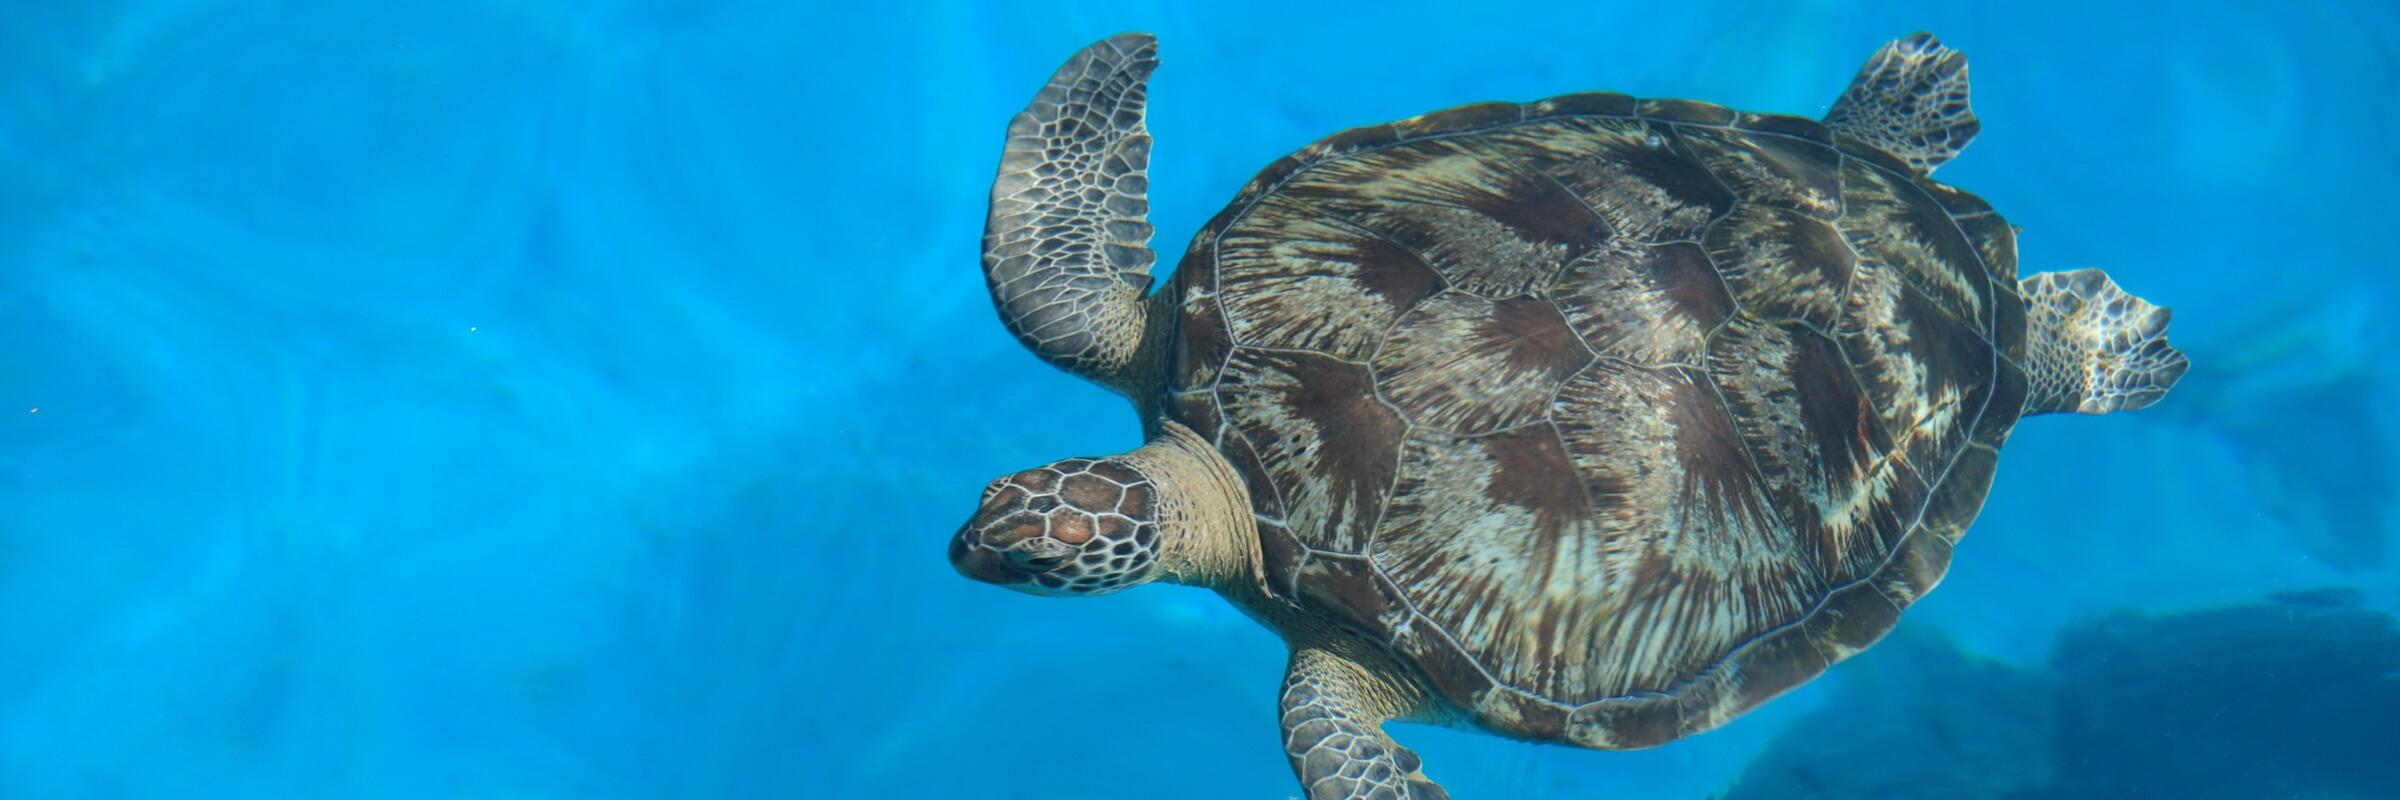 Der Similan Nationalpark verfügt über eine reichhaltige Tier- und Pflanzenwelt – Meeresschildkröten sind nur eine der vielen Gattungen, die man hier antreffen kann.